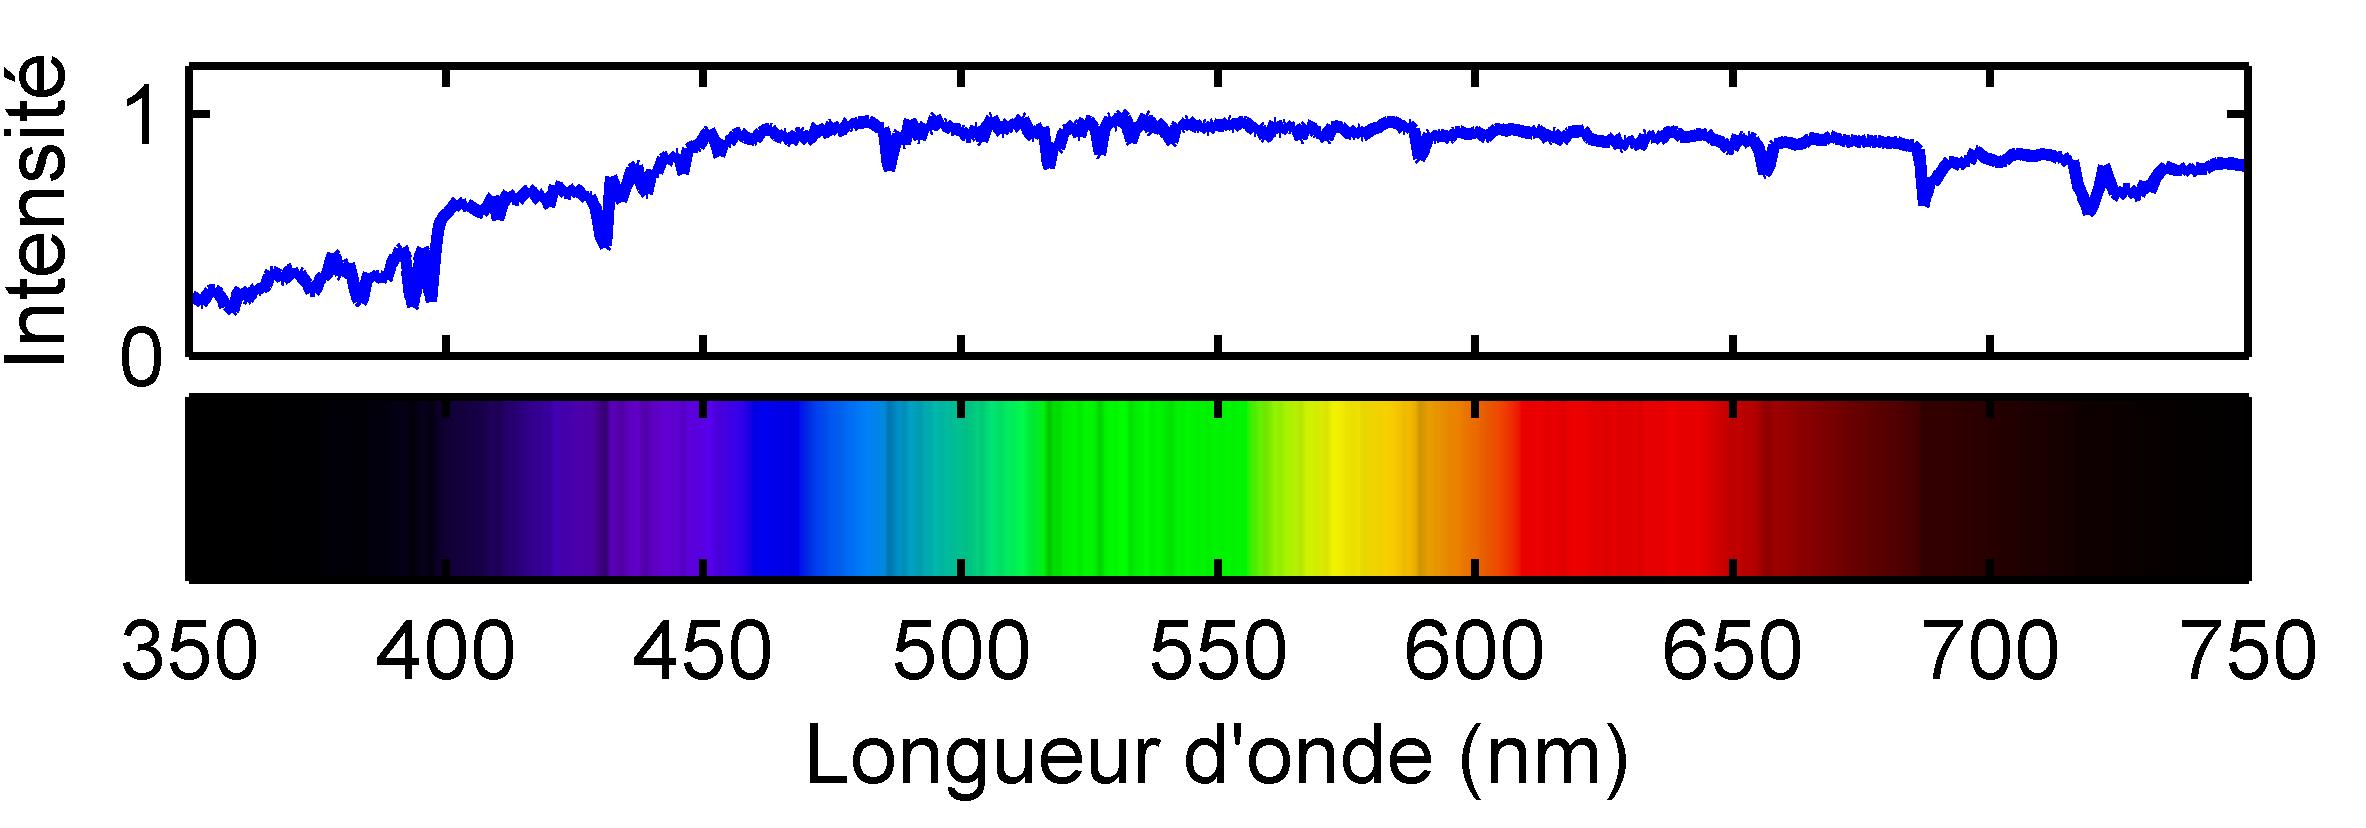 La perception des couleurs comment a marche - Cercle chromatique longueur d onde ...